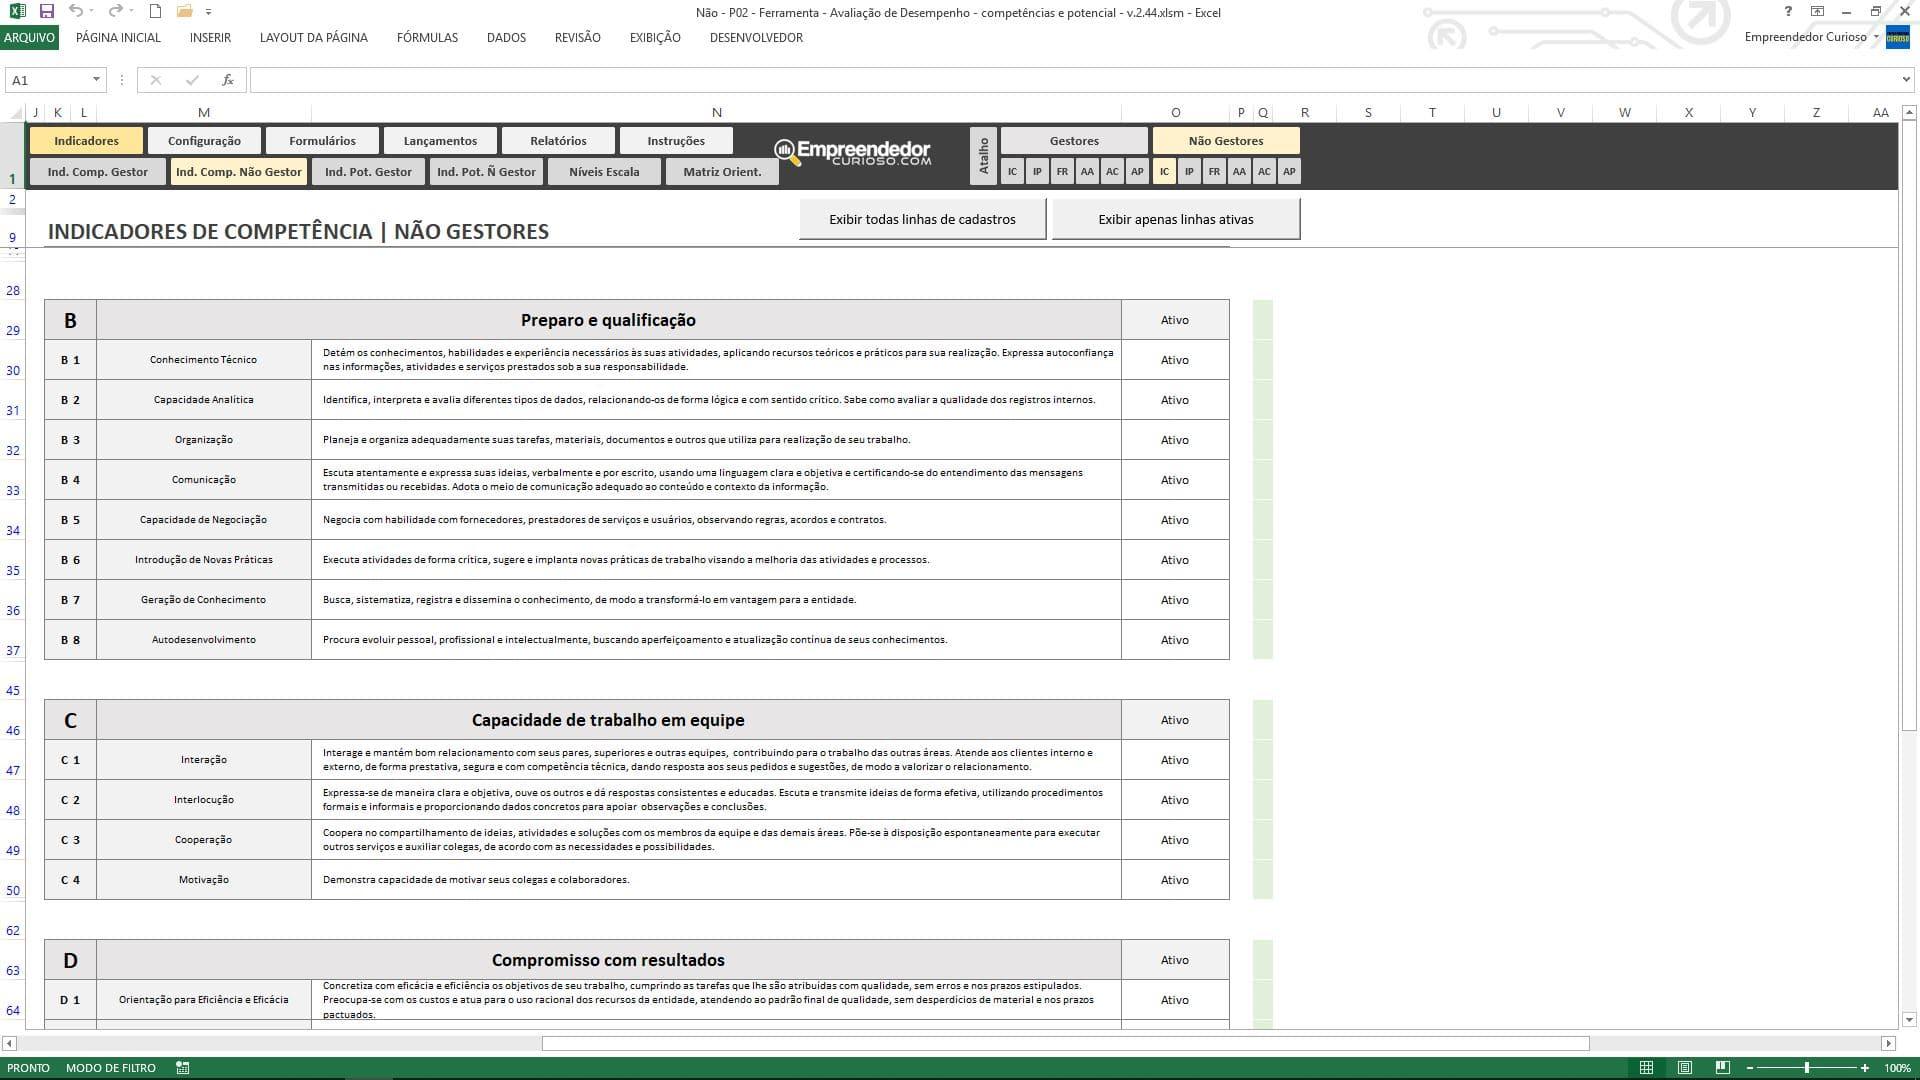 Planilha de avaliação de desempenho de funcionário - Indicadores de Competências para Não gestores